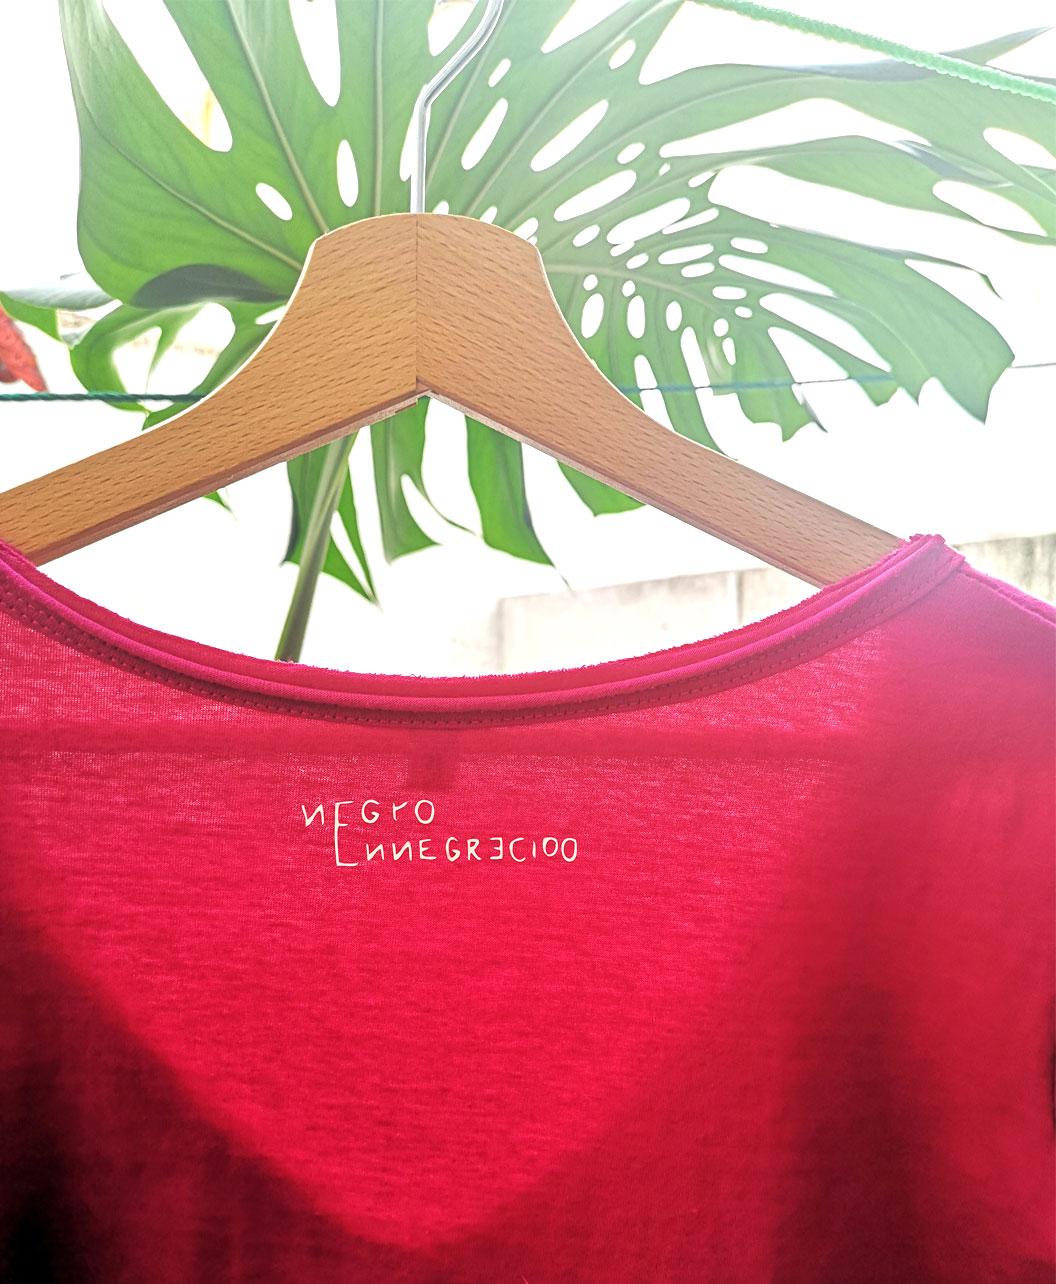 camiseta mujer manga corta cuello pico rosa fucsia original diferente ilustracion corazon anatomico